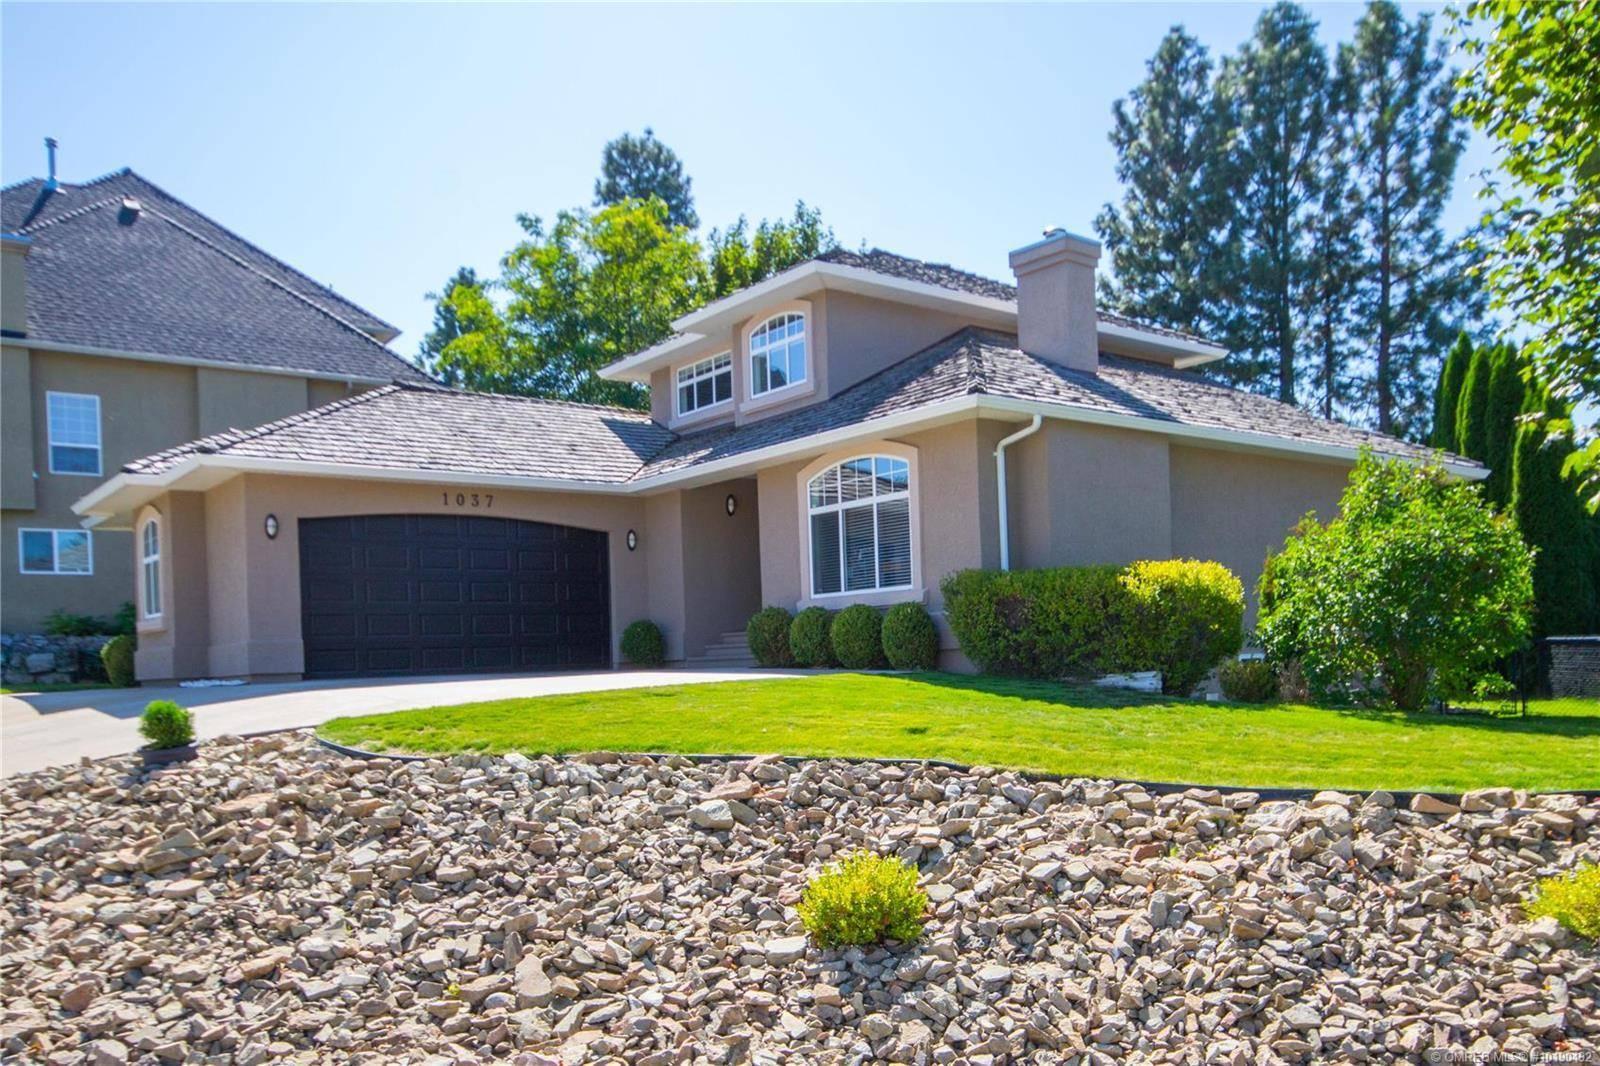 House for sale at 1037 Skeena Dr Kelowna British Columbia - MLS: 10190492